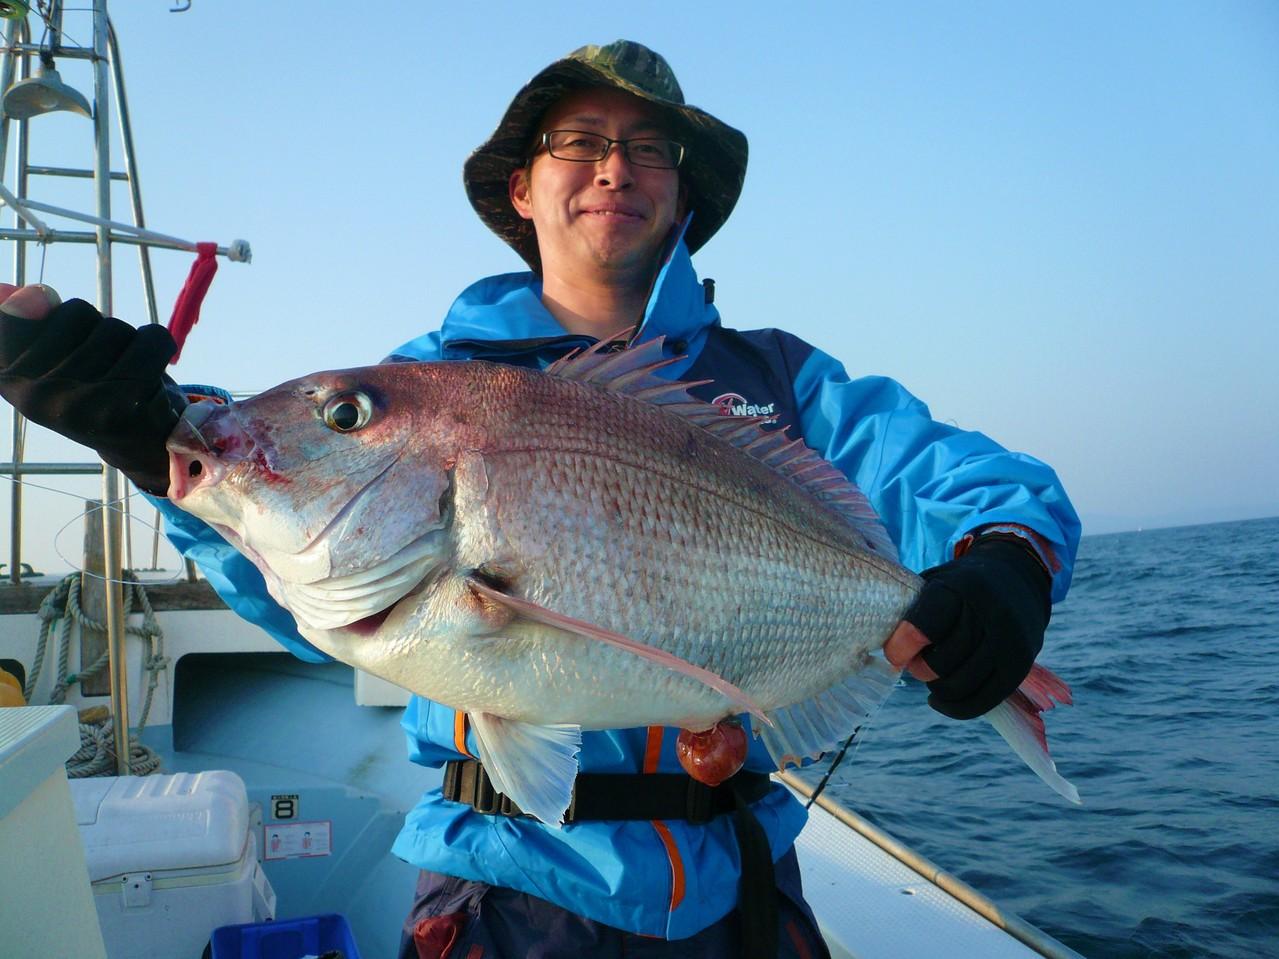 5月5日三界のポイント 須賀様 大きい鯛ゲット